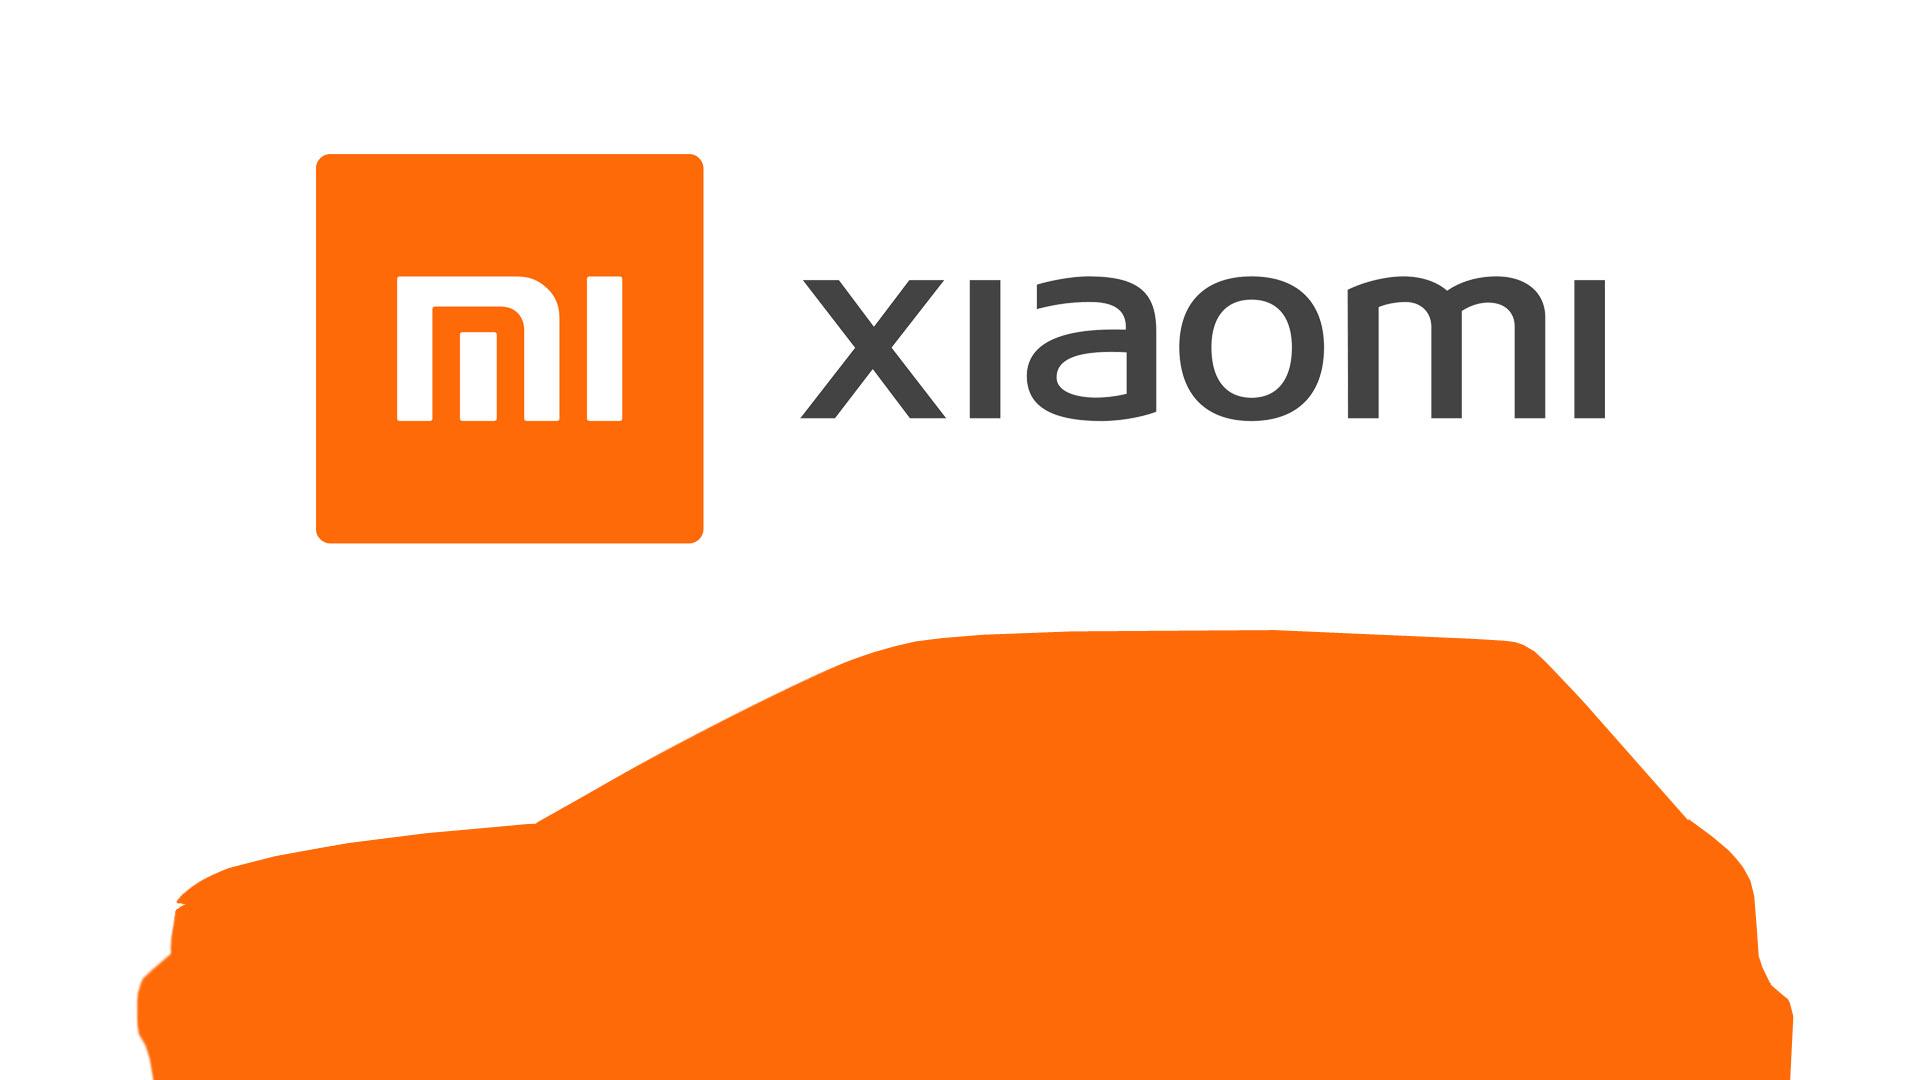 Κίνηση έκπληξη από την Xiaomi, ετοιμάζει και αυτή ηλεκτρικό αυτοκίνητο